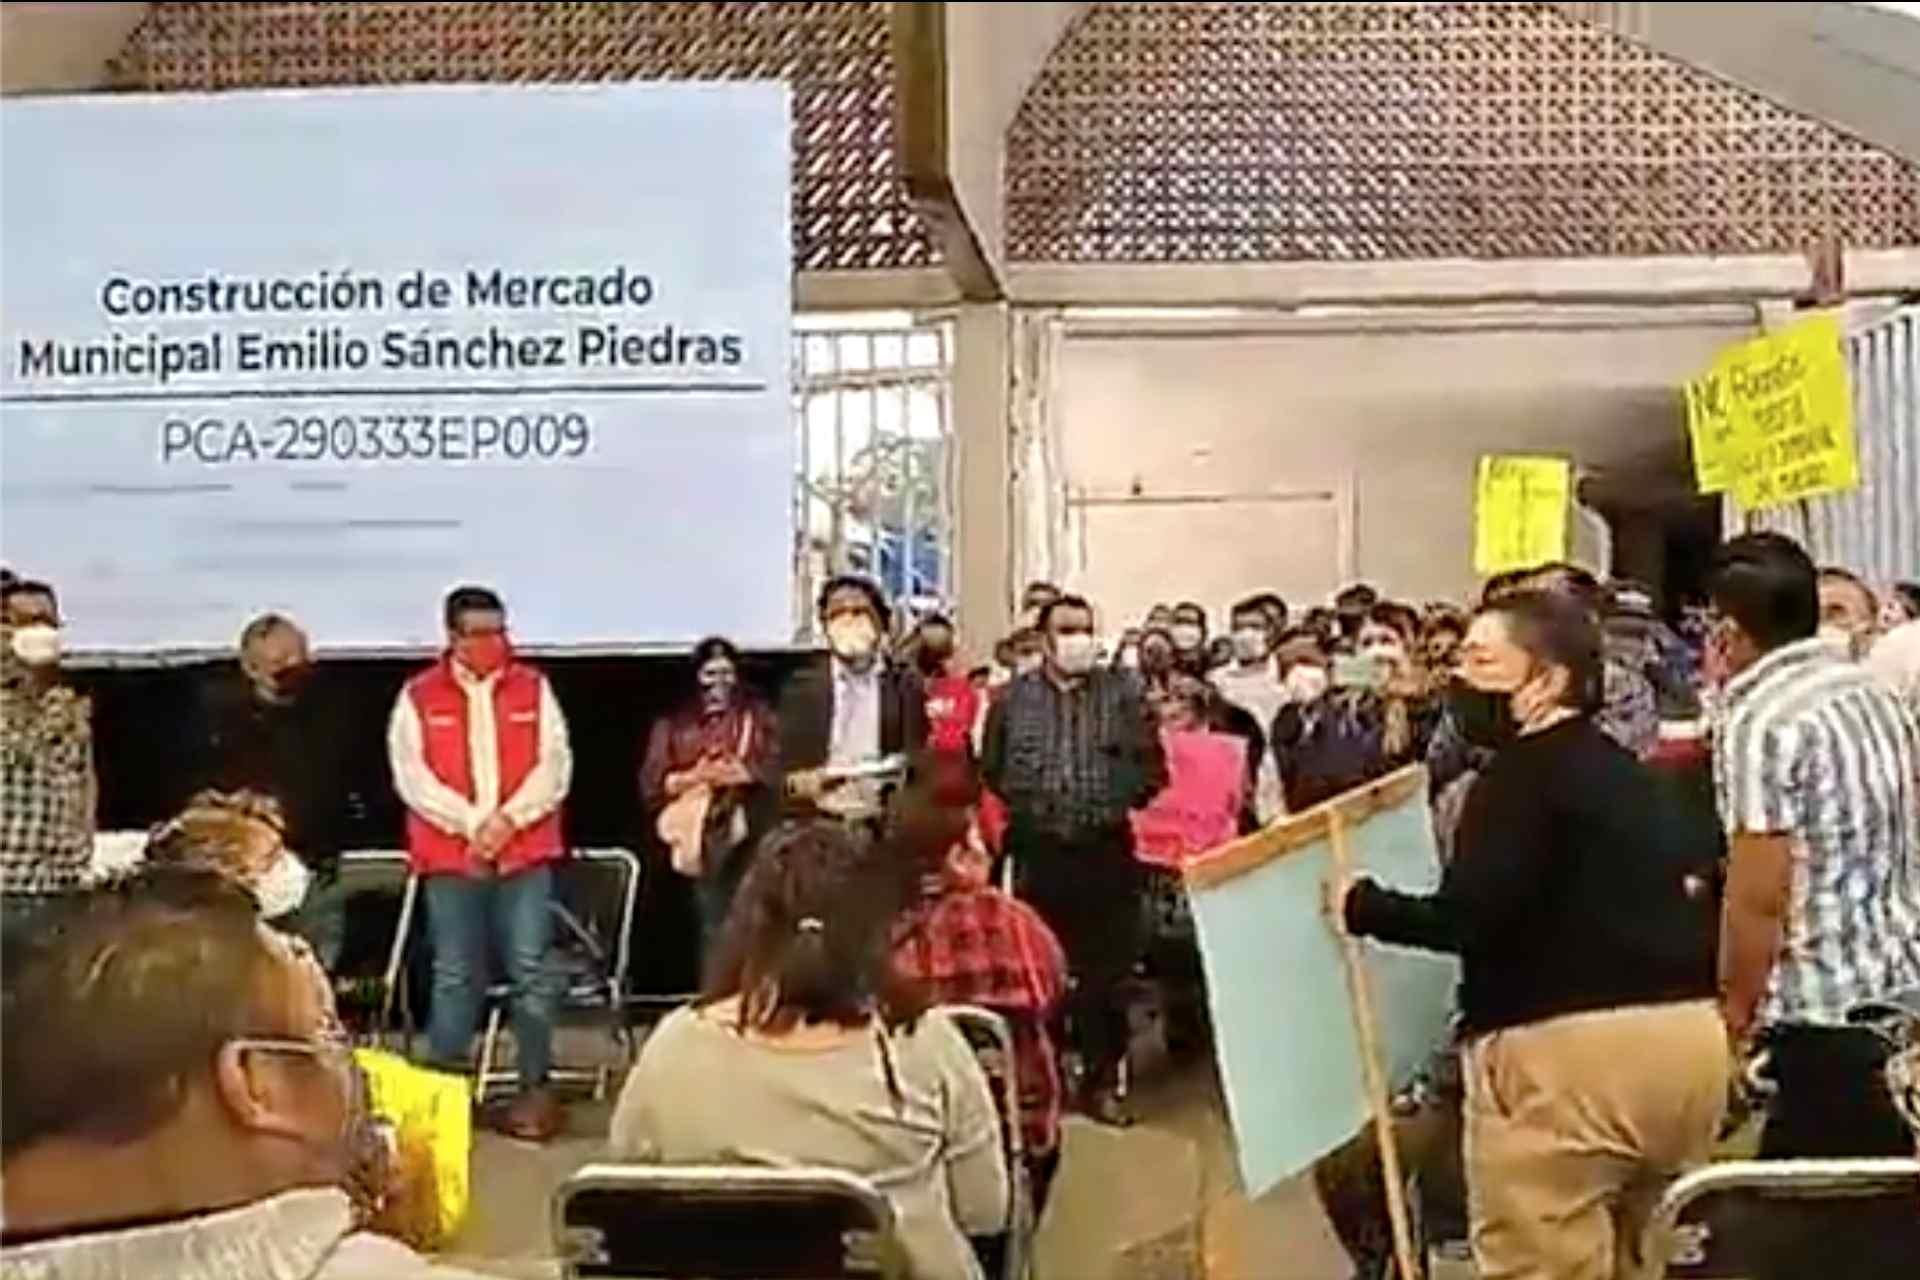 mercado-demolicion-remodelacion-Tlaxcala.